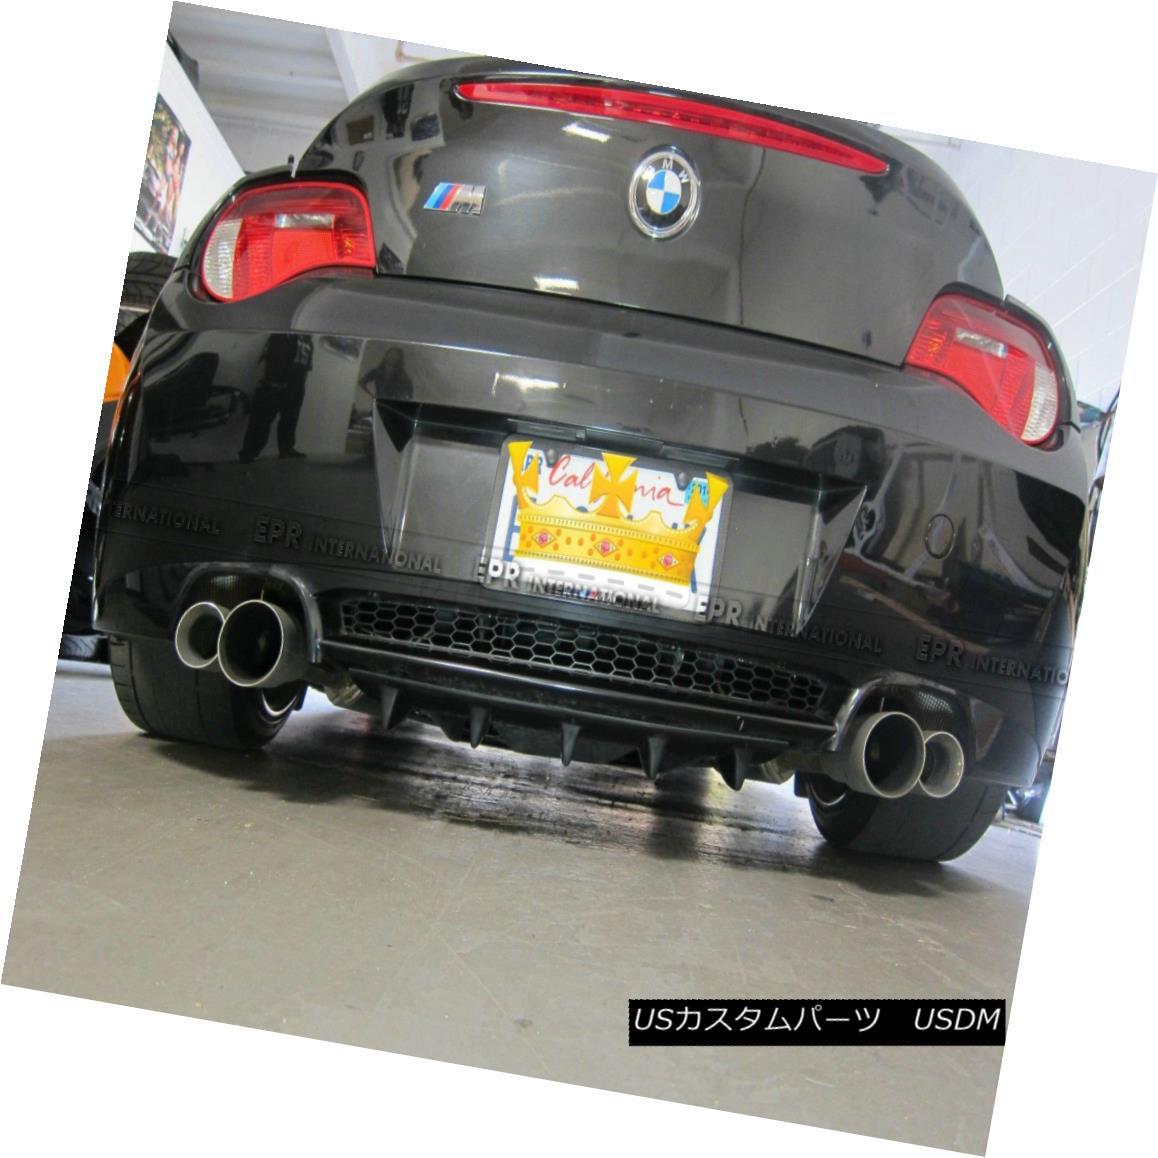 エアロパーツ AER Rear Bumper Diffuser Lip 02-08 For BMW E85 E86 Z4 Z4M Roadster Carbon Fiber AERリアバンパーディフューザリップ02-08 BMW E85 E86 Z4 Z4Mロードスターカーボンファイバー